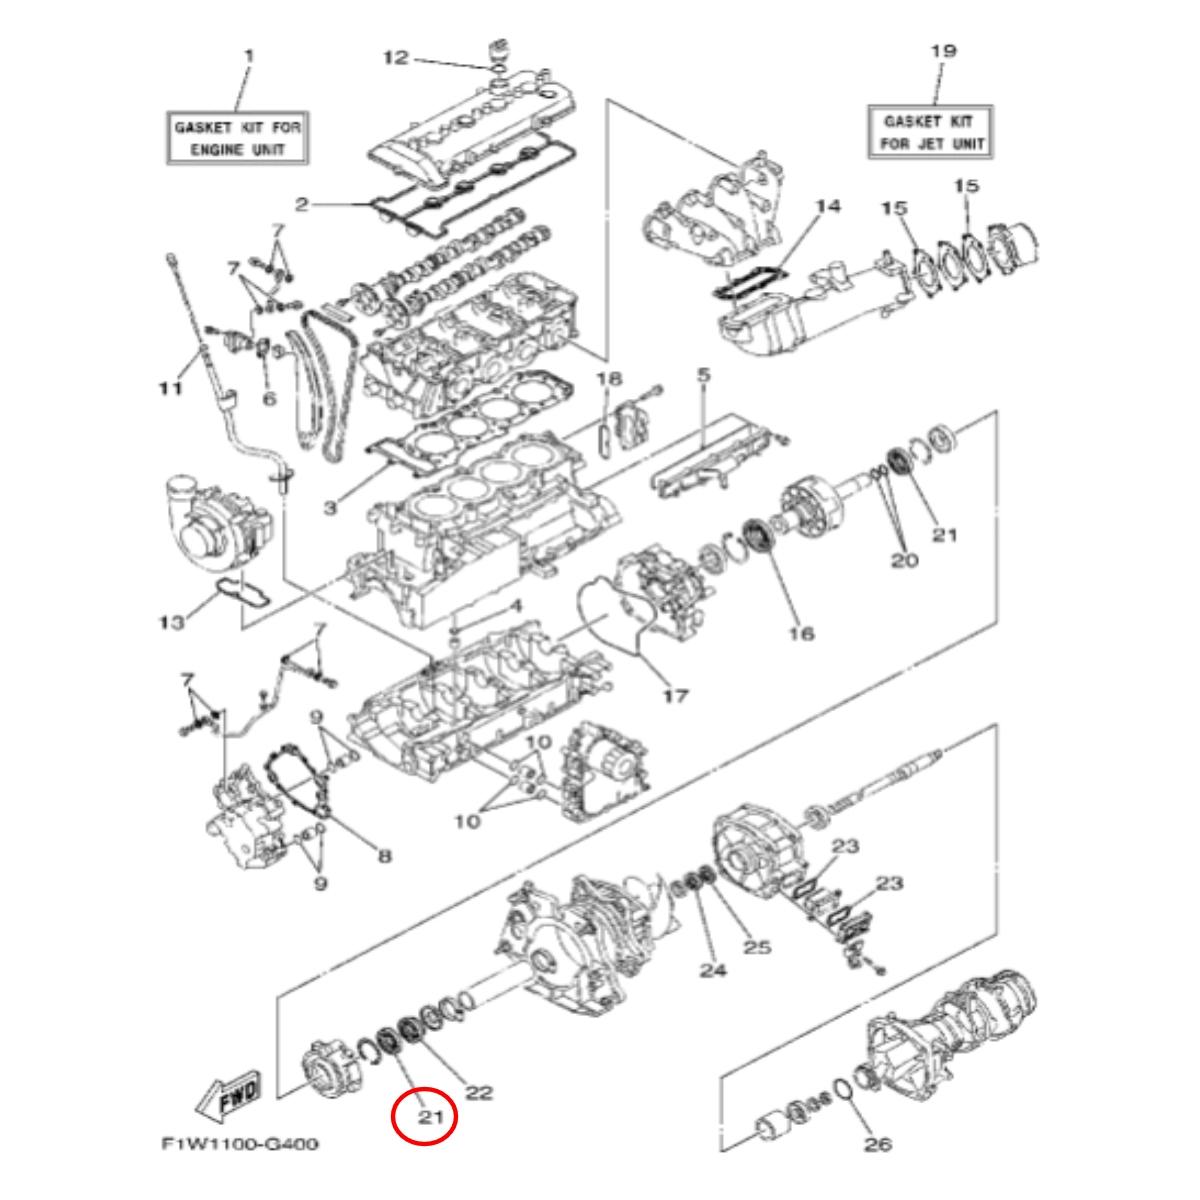 Retentor Casa Rolamento Jet Ski Yamaha SHO  - Radical Peças - Peças para Jet Ski